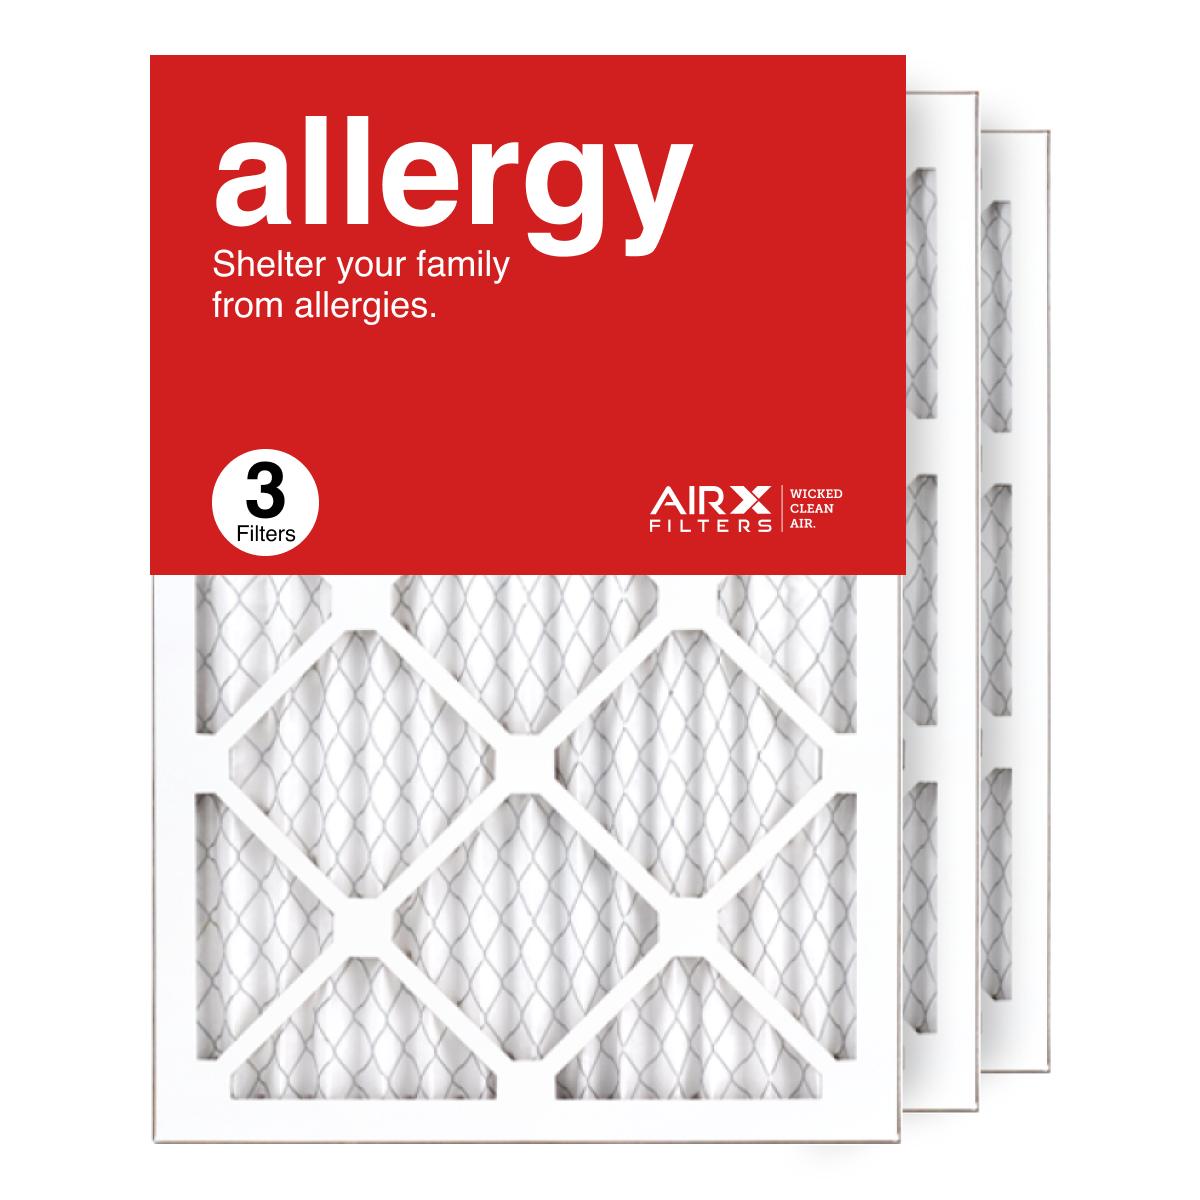 14x20x1 AIRx ALLERGY Air Filter, 3-Pack